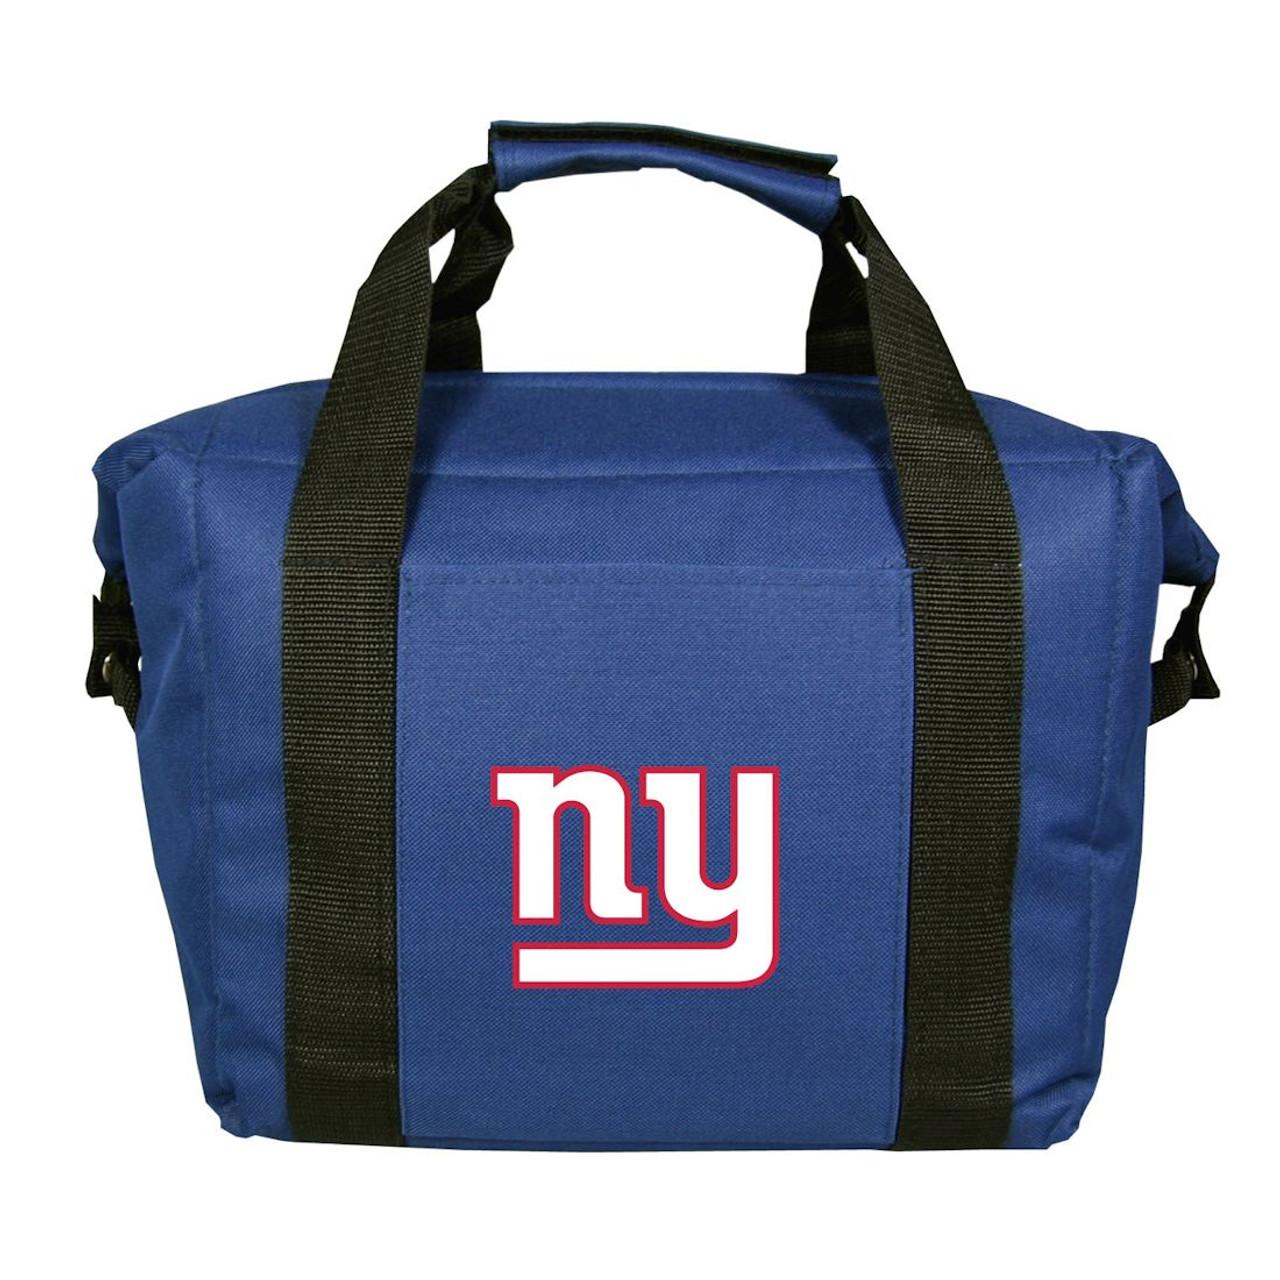 New York Giants 12 Pack Kolder Cooler Bag - Special Order